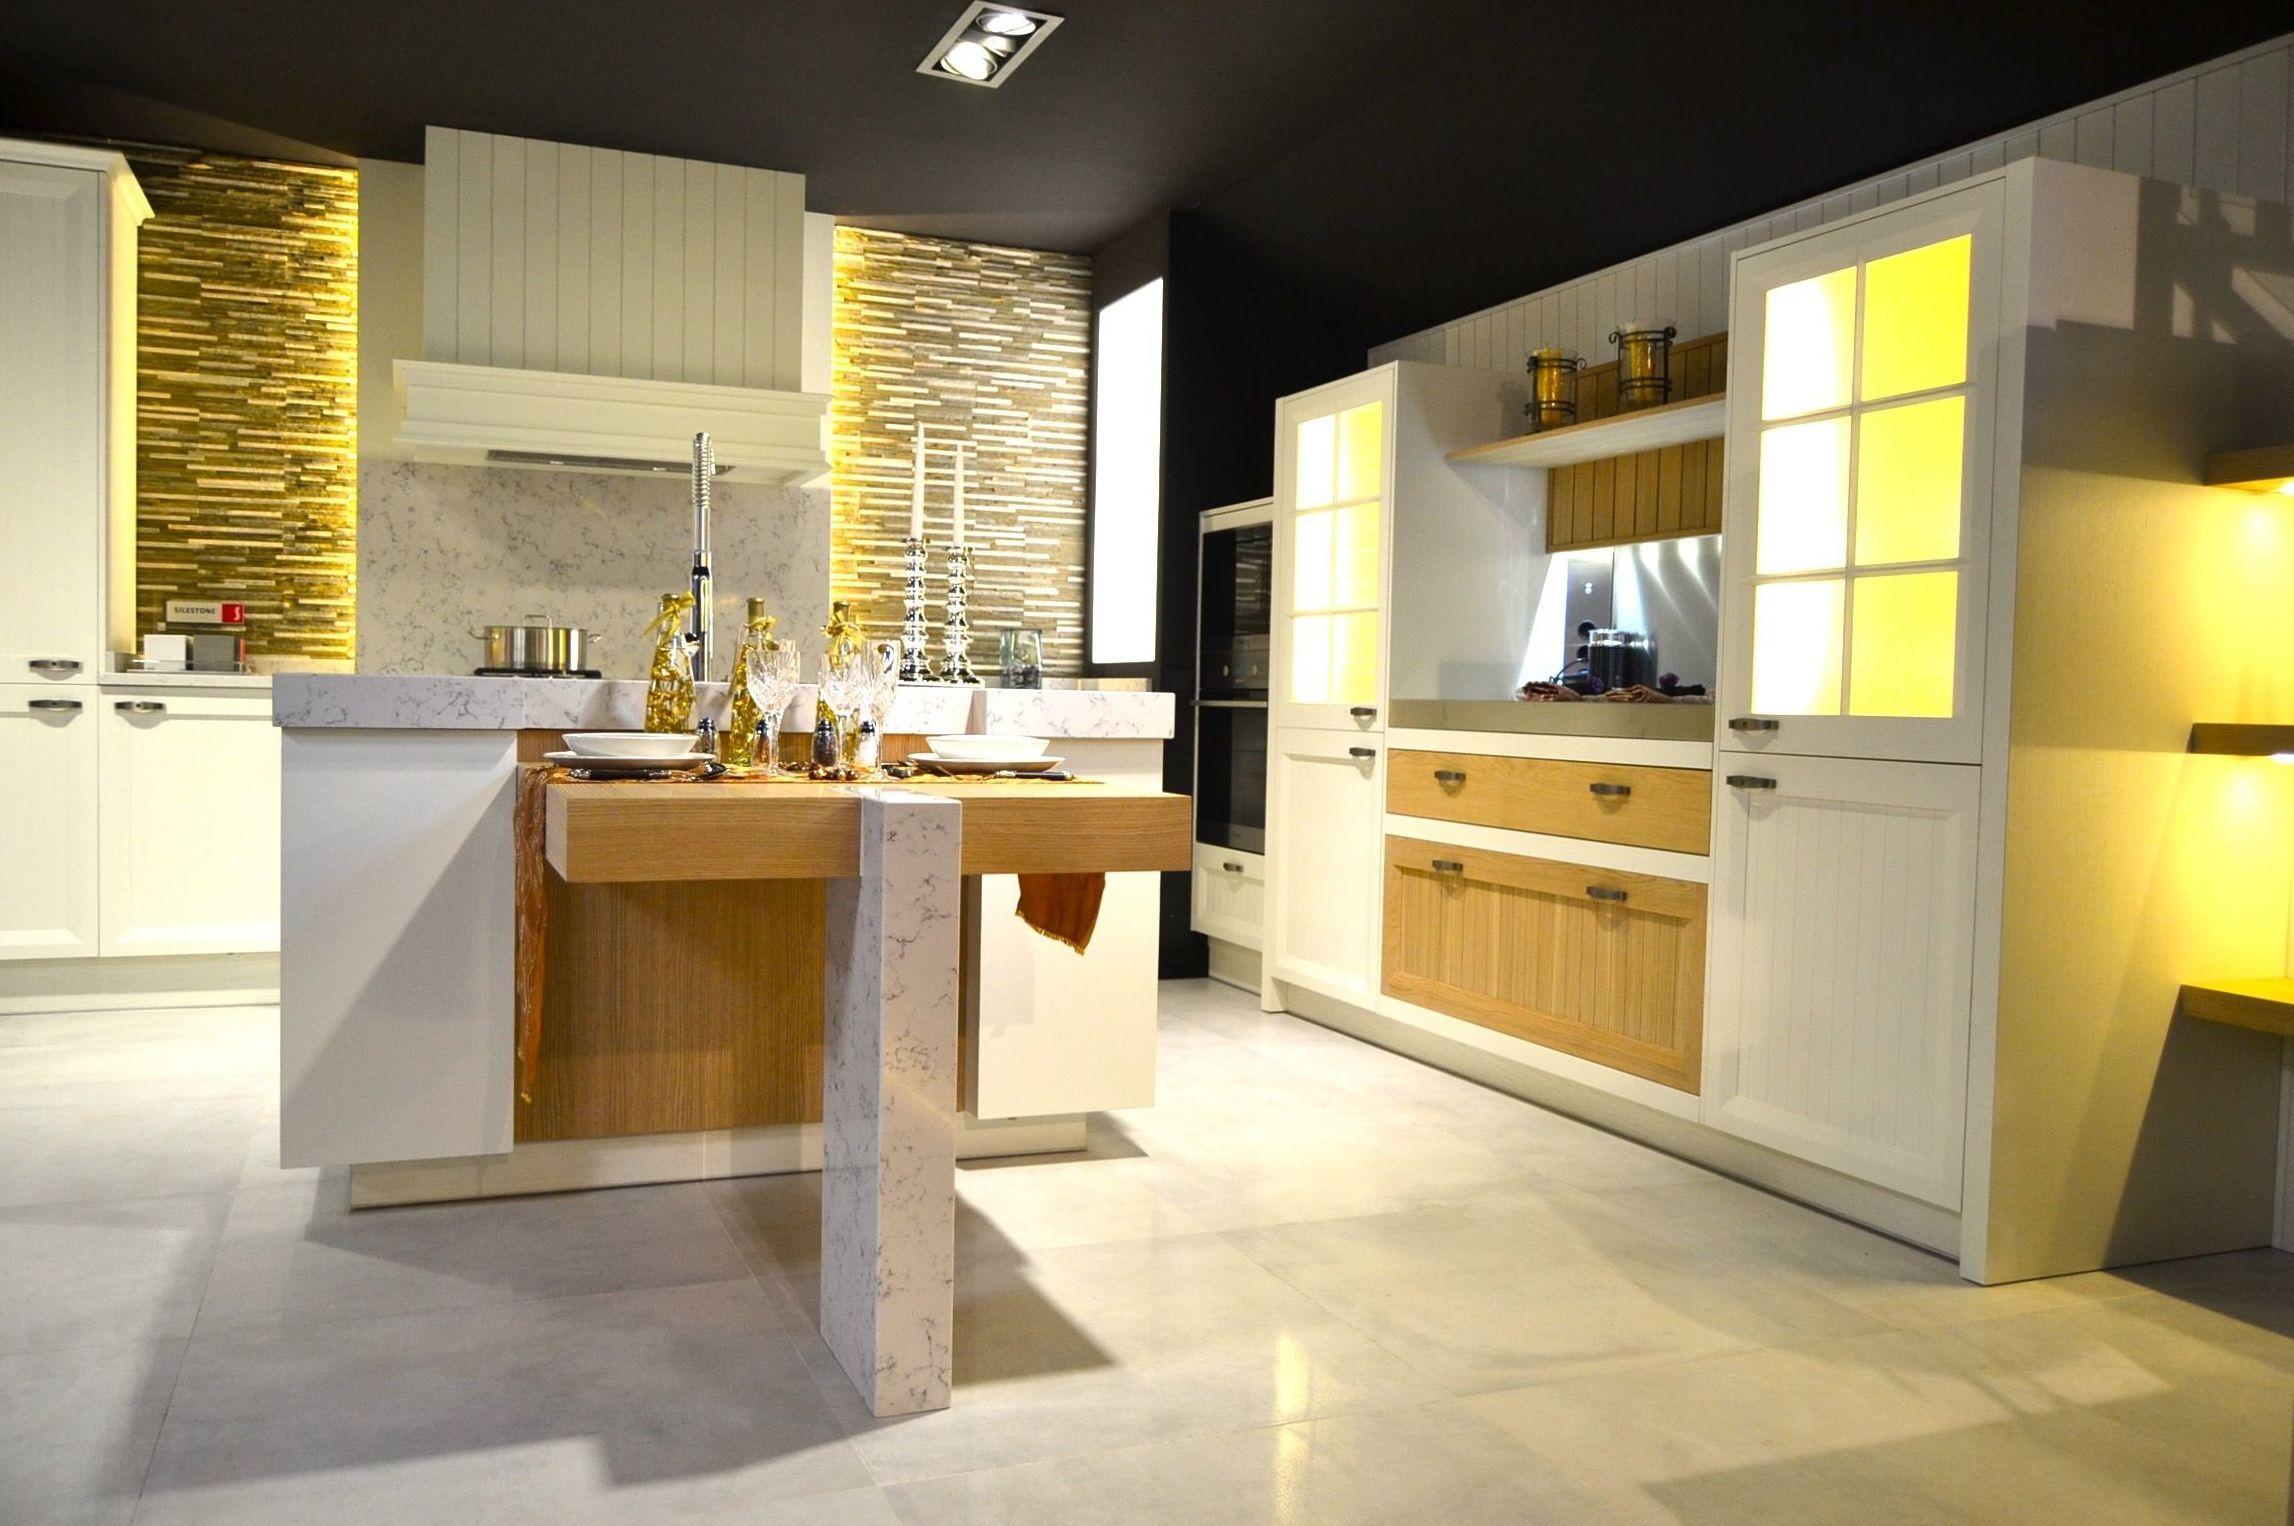 Muebles modulares marrones 20170814033642 for Ver modelos de muebles de cocina